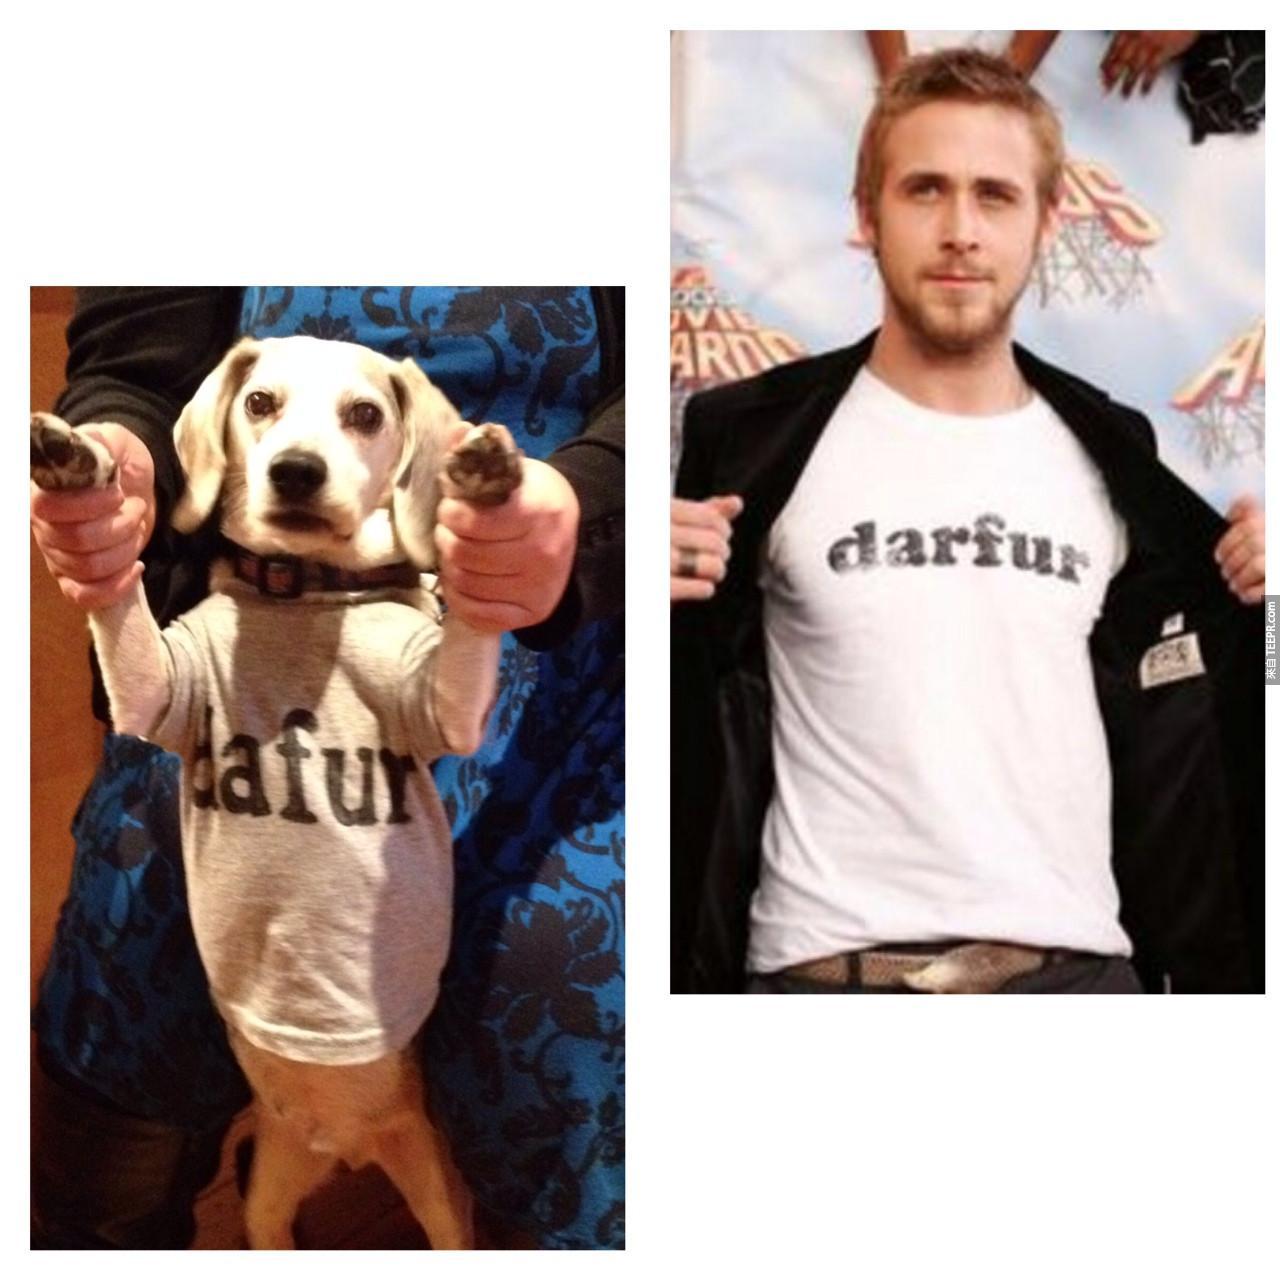 這名男子對他的狗做的事情簡直太天才了!我到#7就忍不住笑出來了!